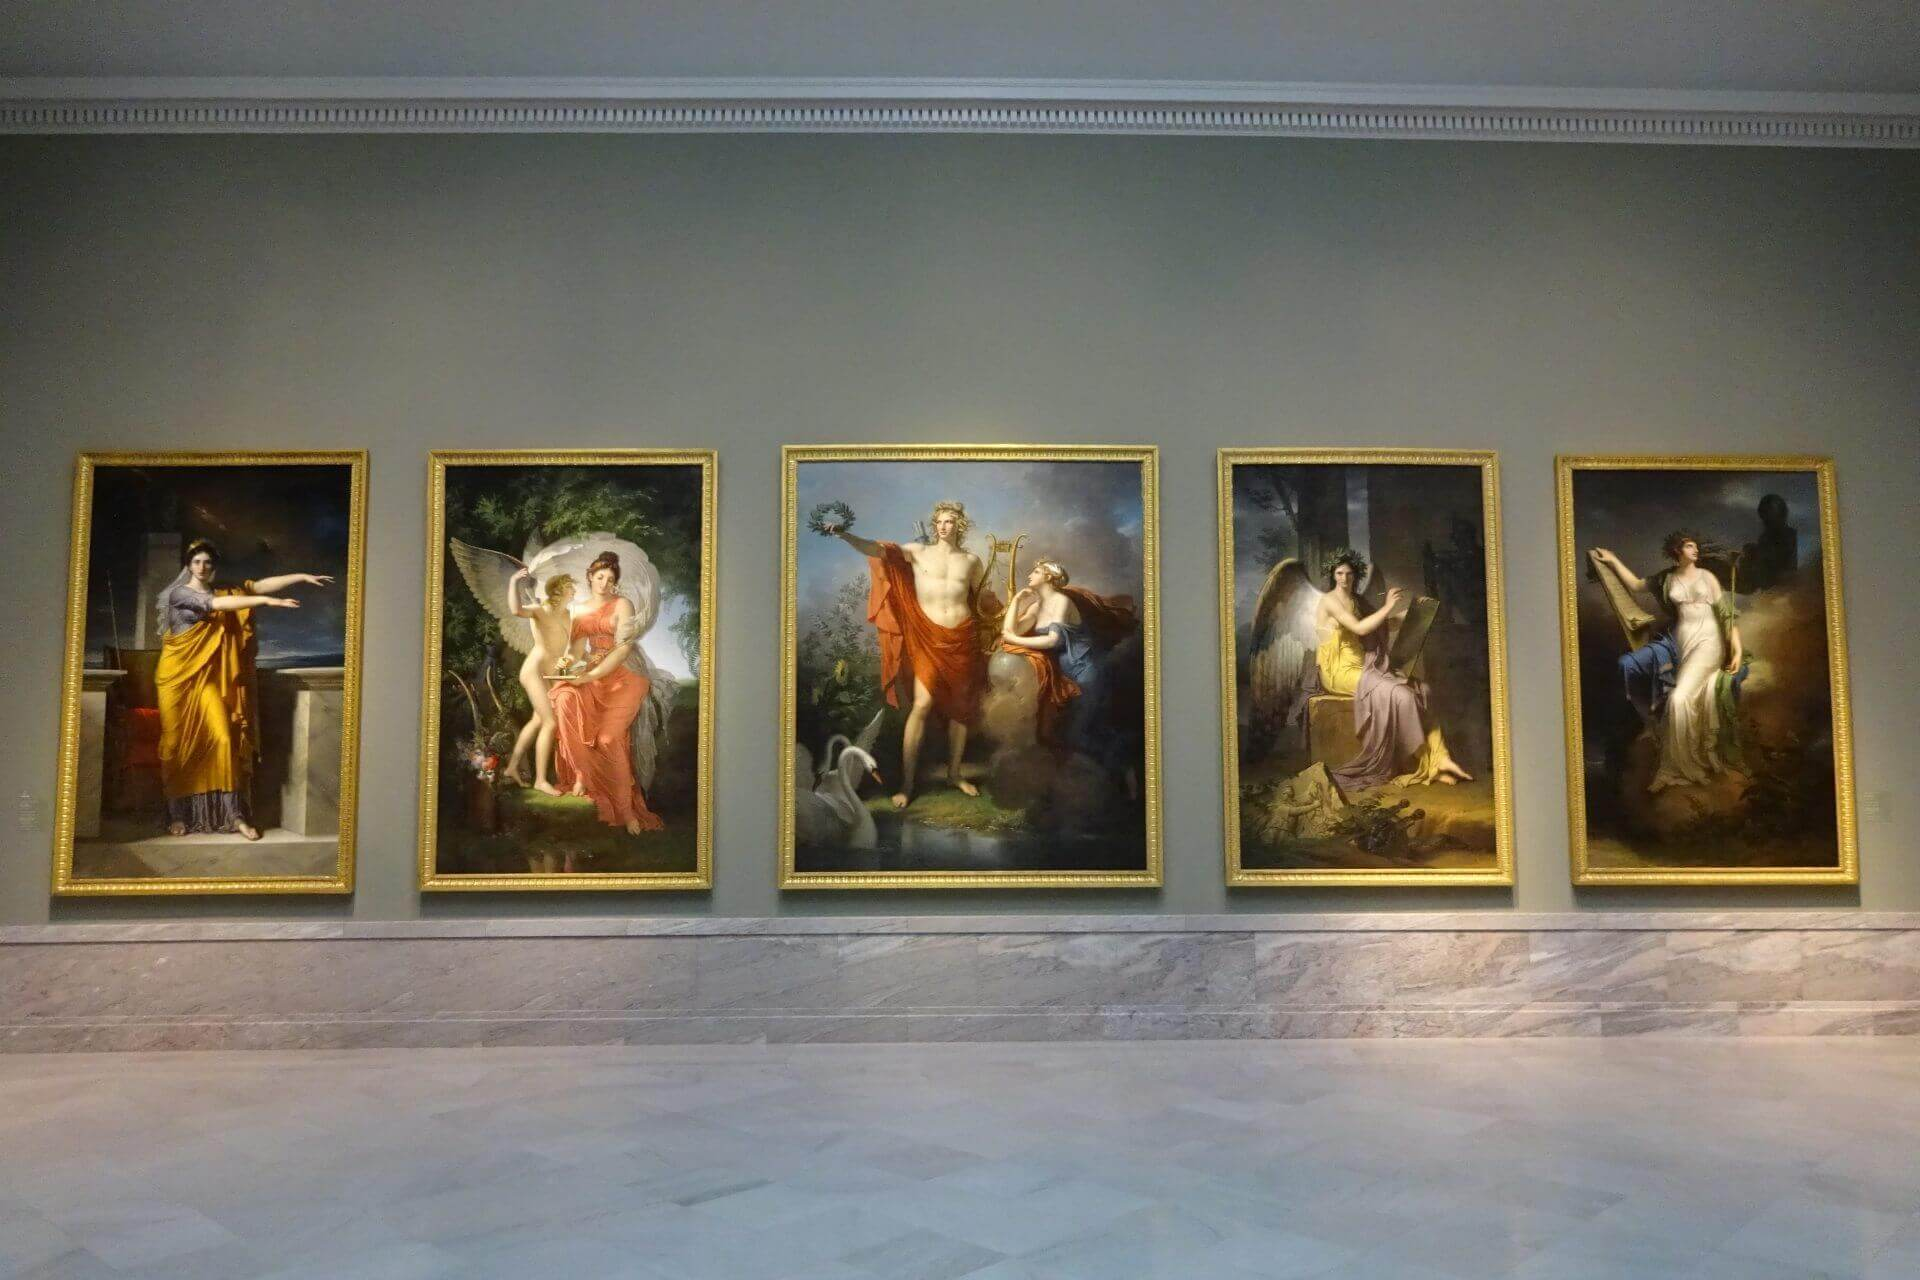 Bilder in leuchtenden Farben im Cleveland Art Museum. Bilder und Eindrücke aus Cleveland, Ohio, United States.